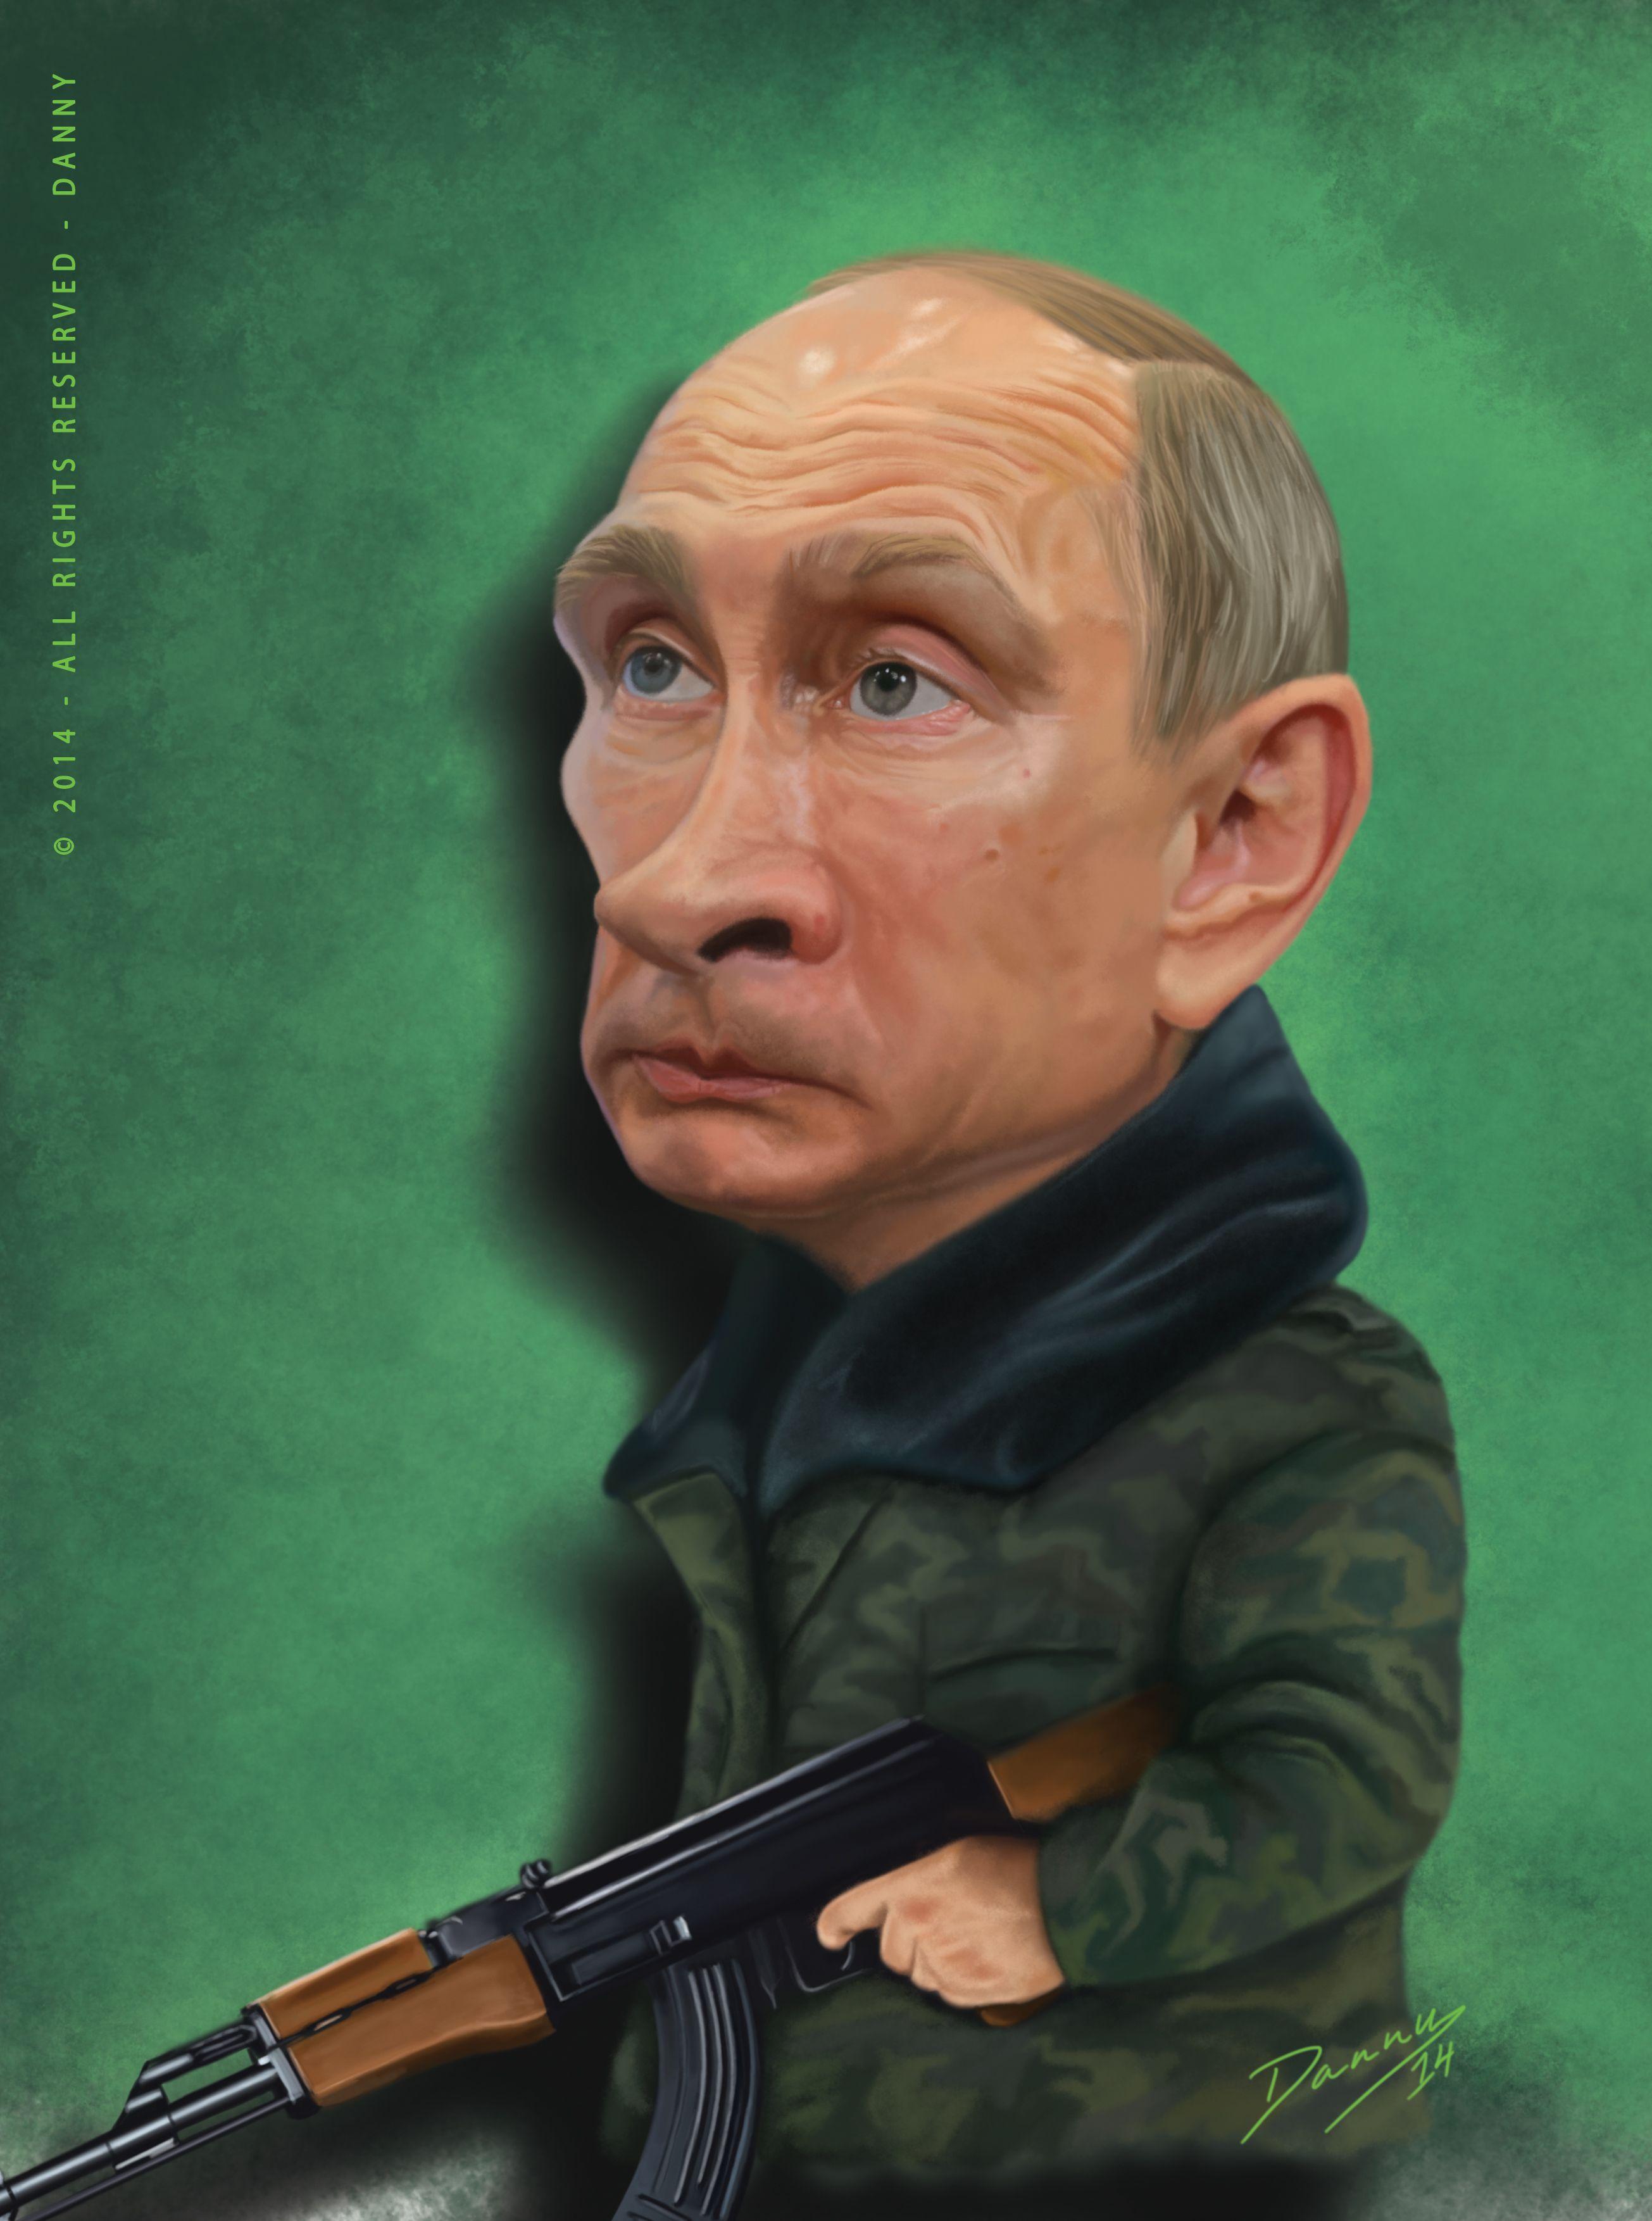 Putin Caricature   Caricatures   Pinterest   Caricatures ...